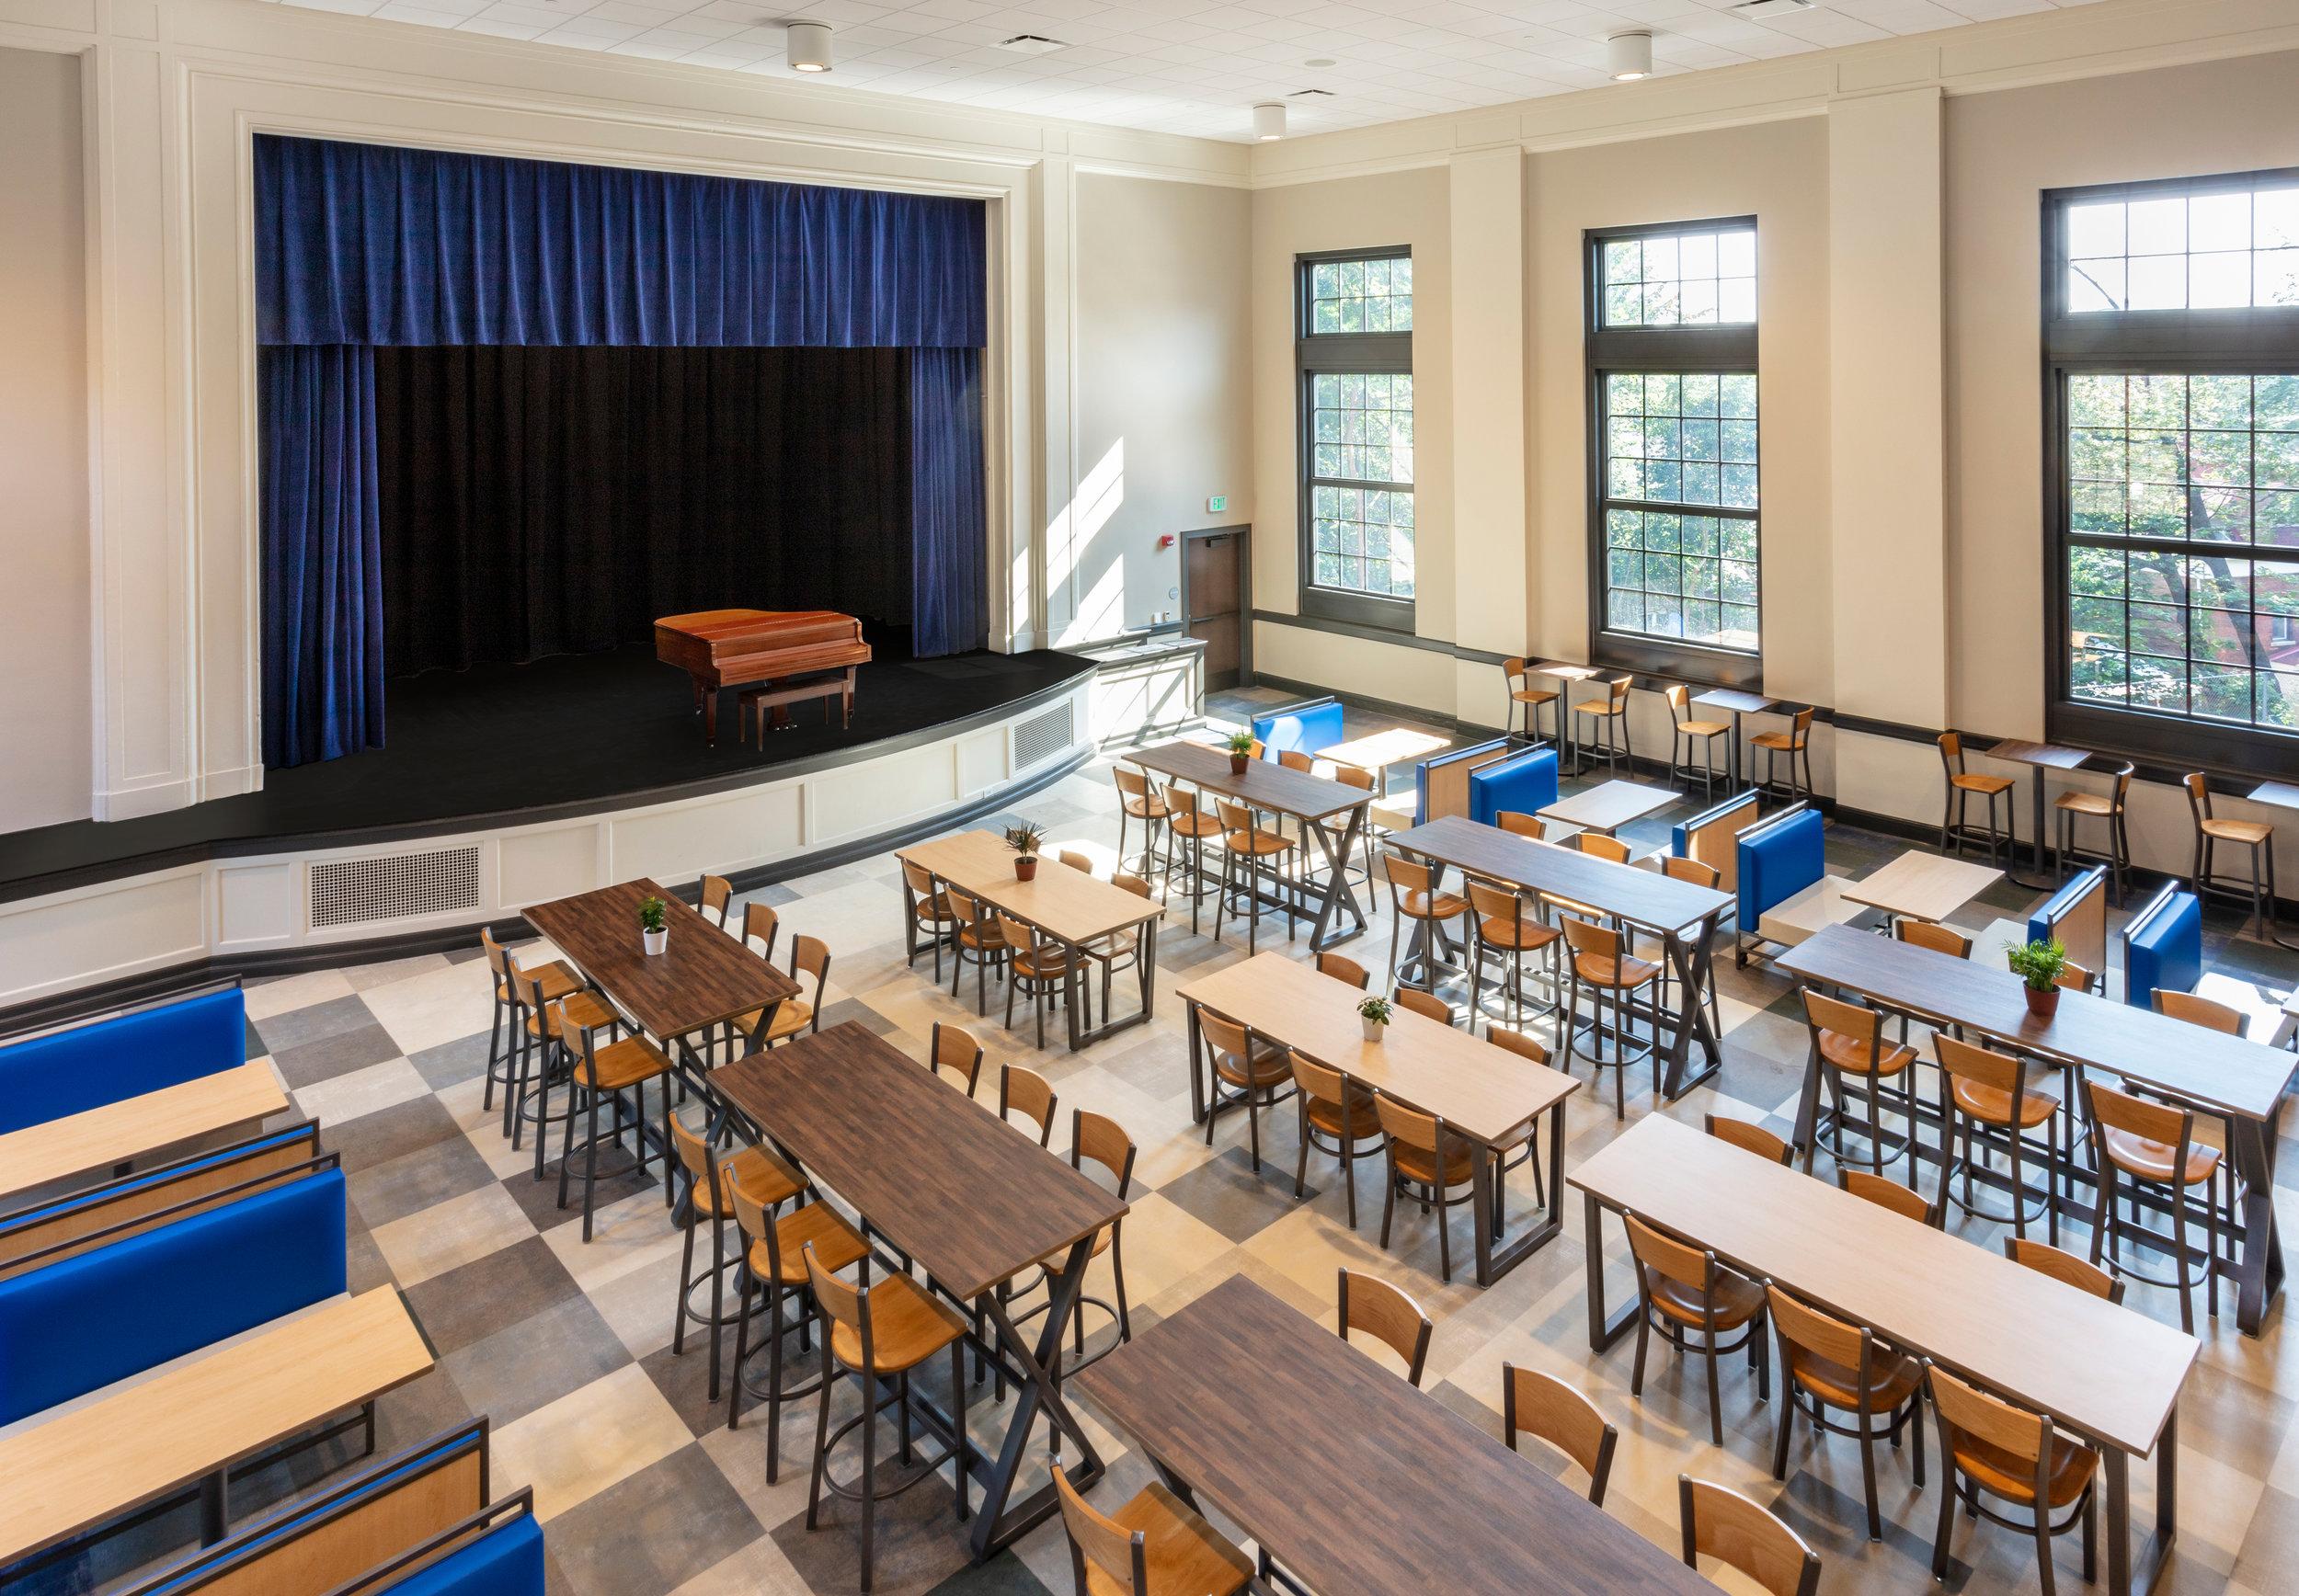 Cafetorium at ECS Pittsburgh